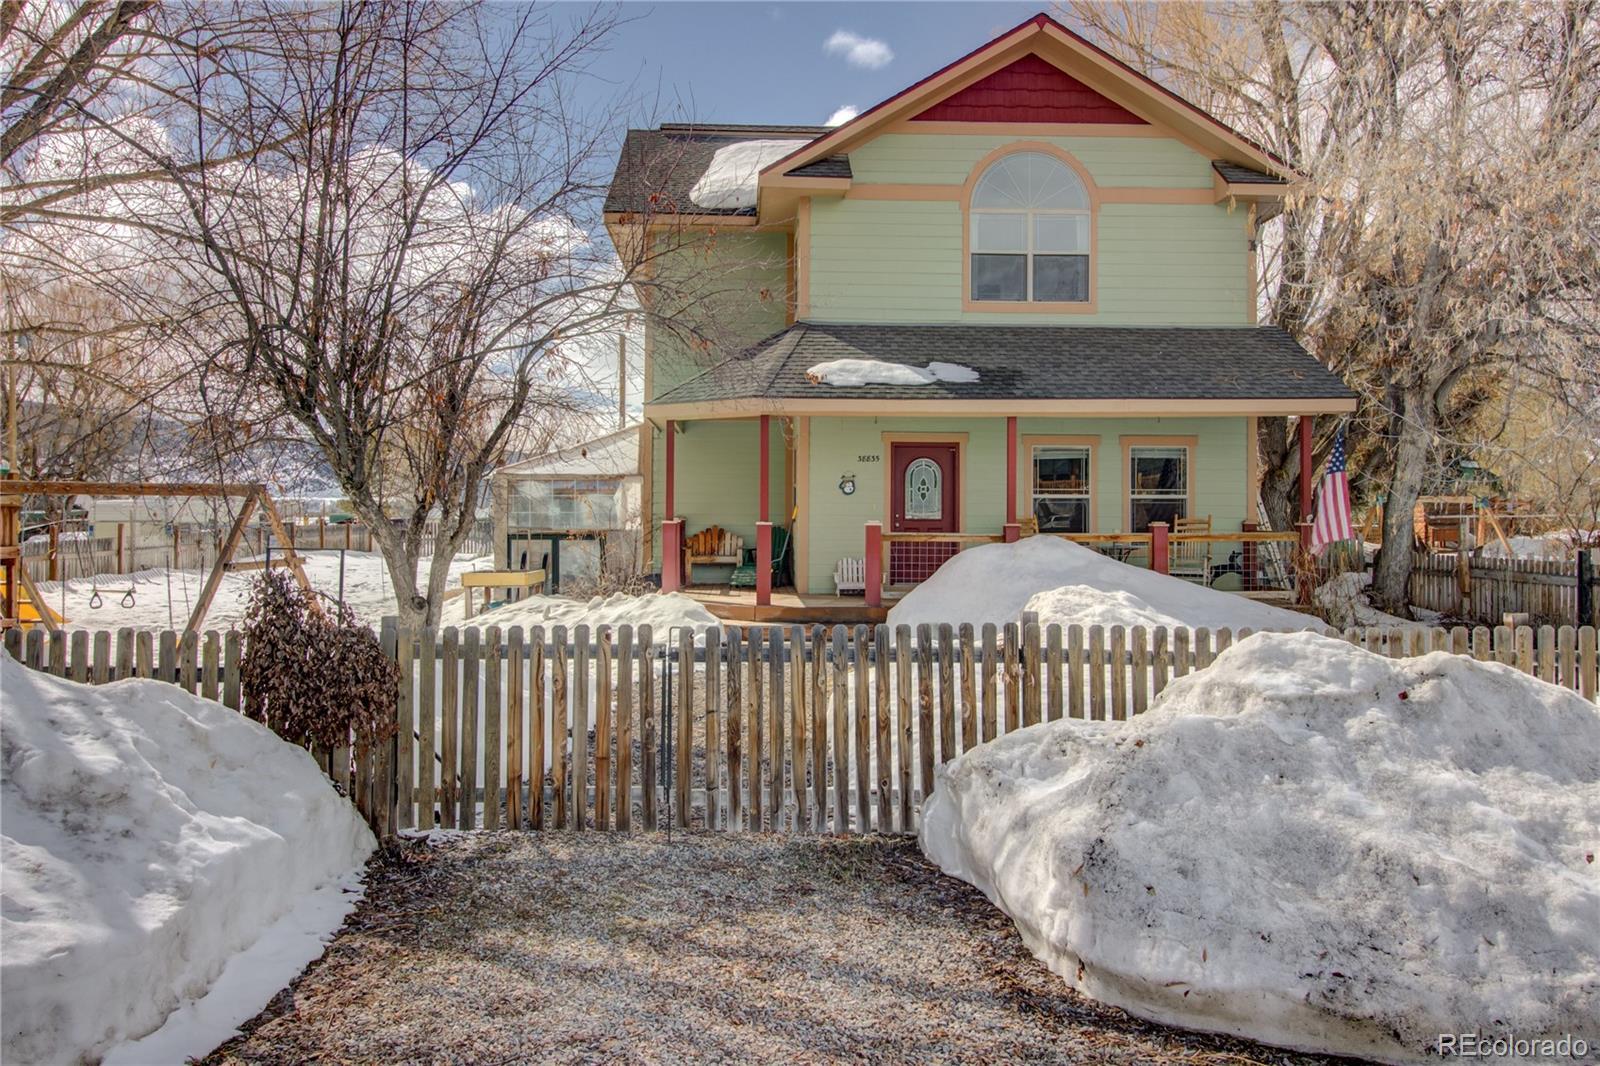 38835 Main Street, Milner, CO 80487 - Milner, CO real estate listing